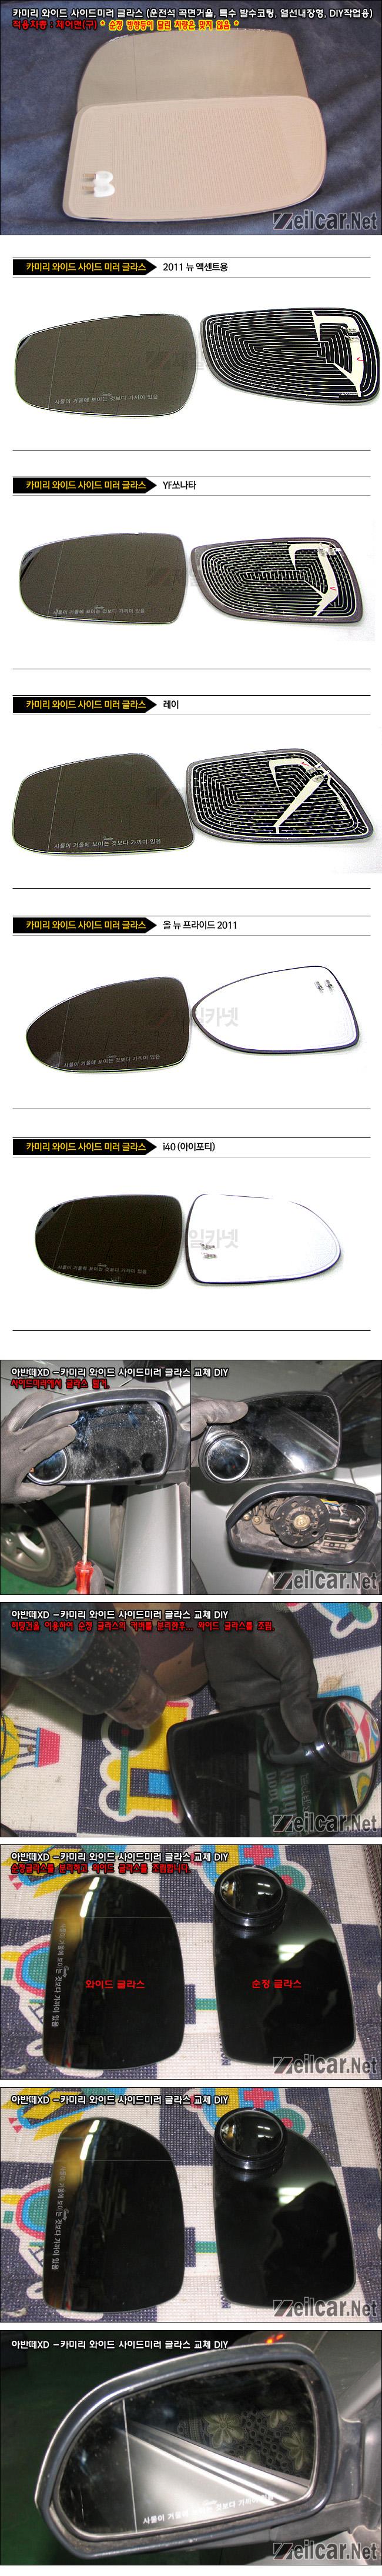 자동차용품,사이드미러, 곡면글라스, 열선내장